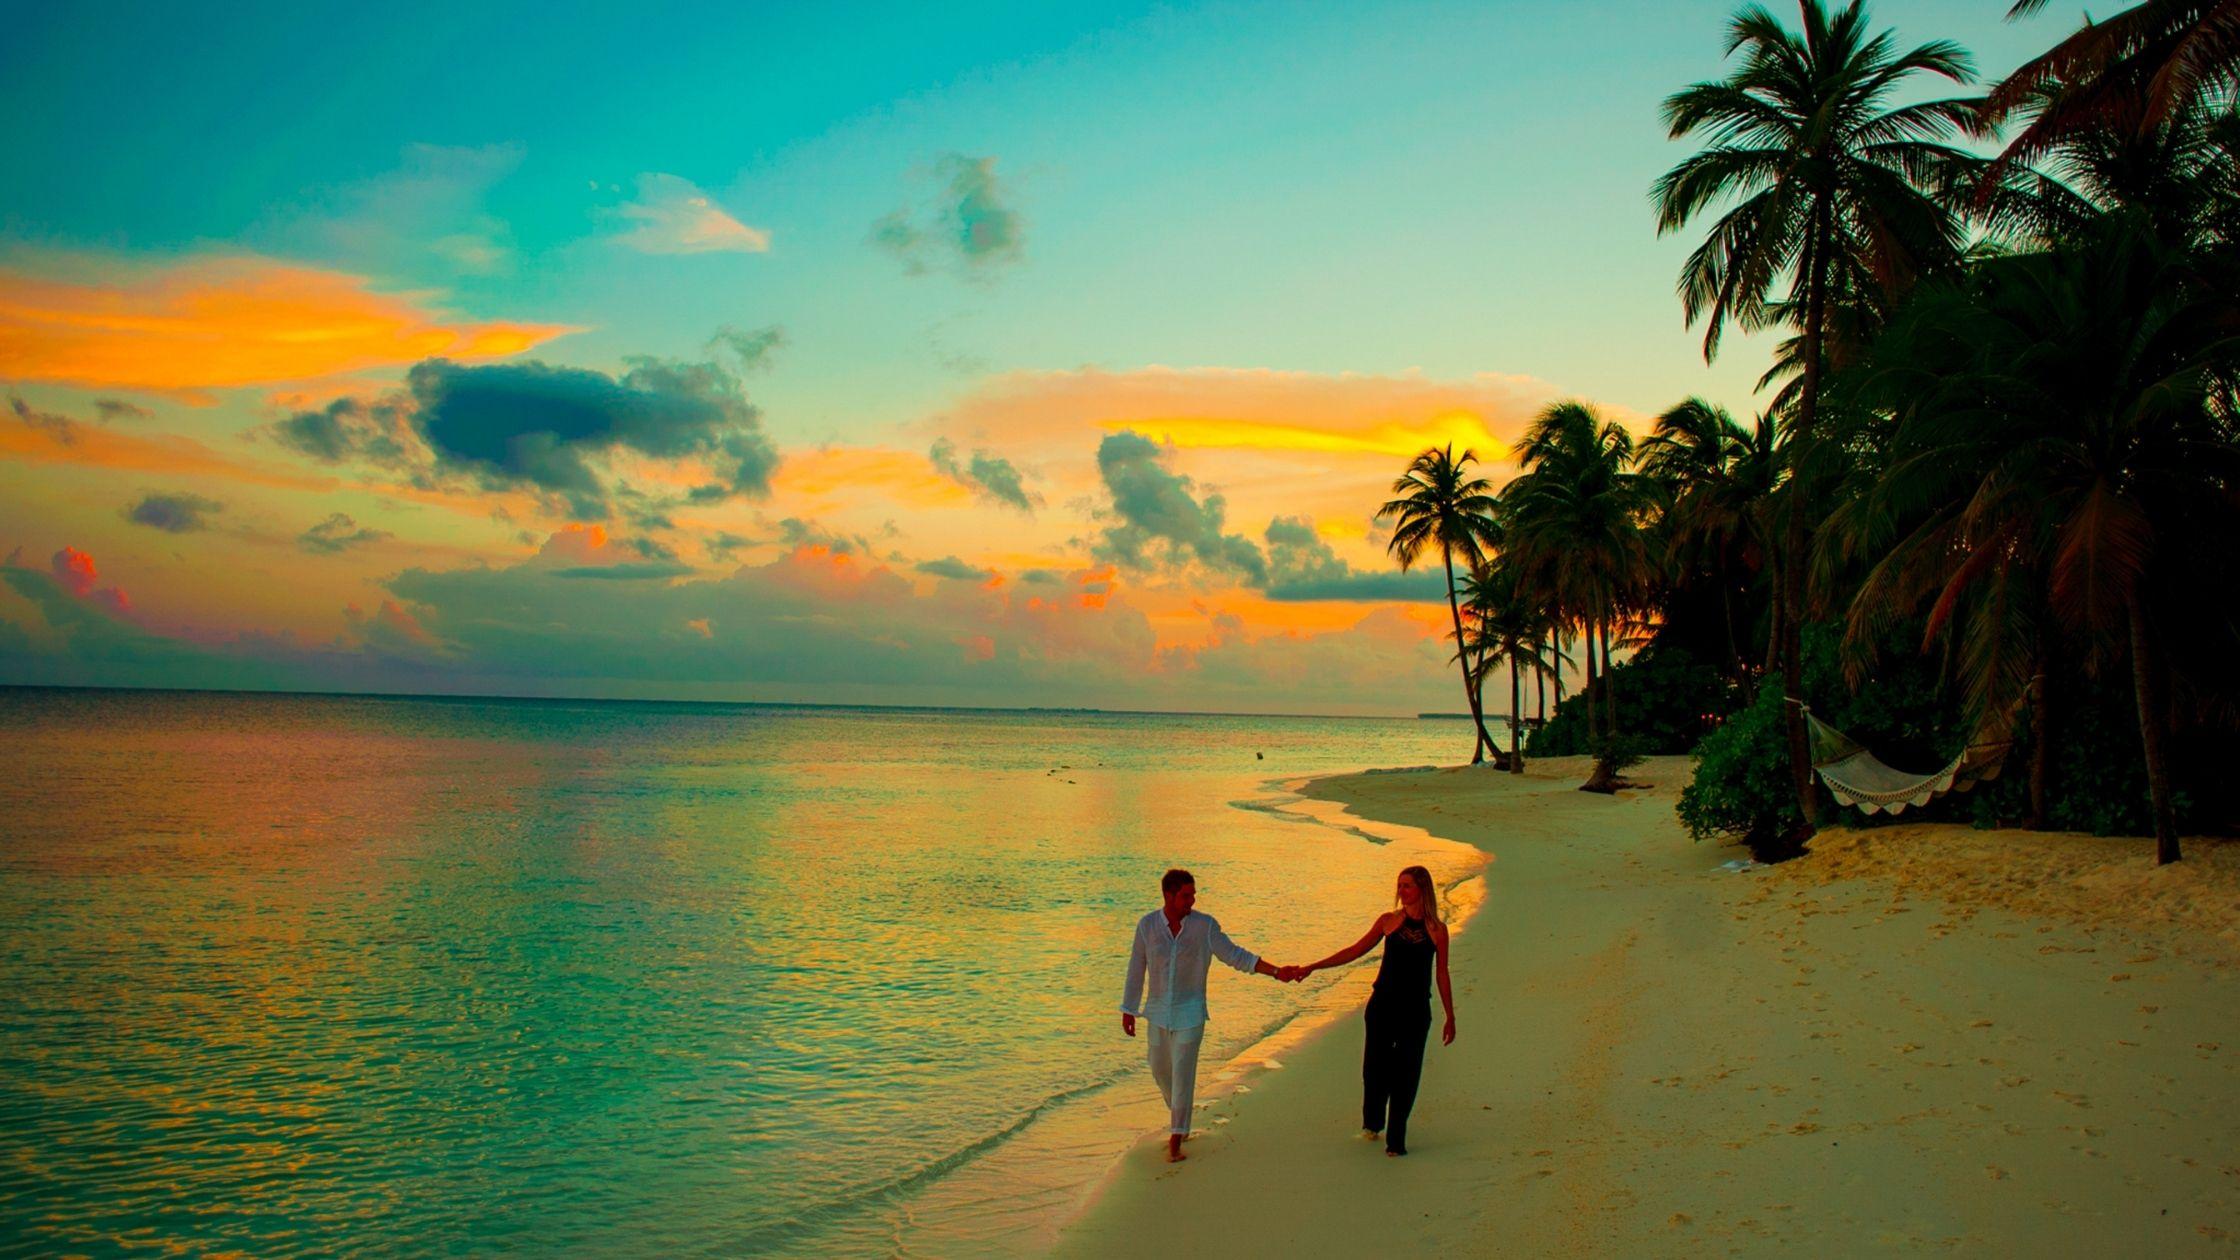 Mariage : Le voyage de noces, le voyage le plus inoubliable de votre vie amoureuse.